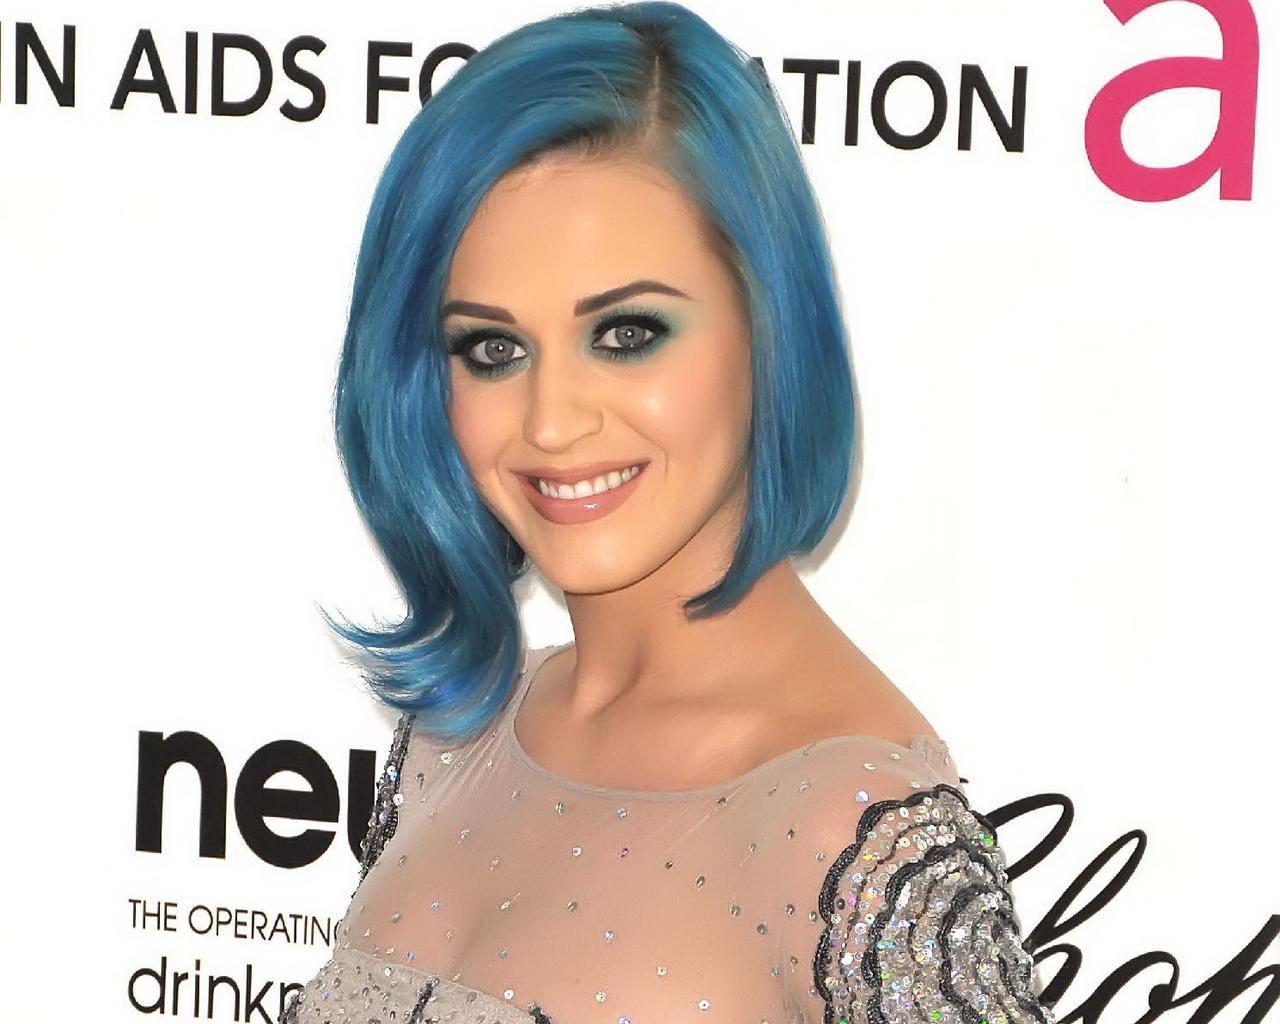 http://1.bp.blogspot.com/-lm2u2JgCCo8/T6TBWDolm_I/AAAAAAAARmQ/4KWGtbkxehA/s1600/Katy-Perry.jpg